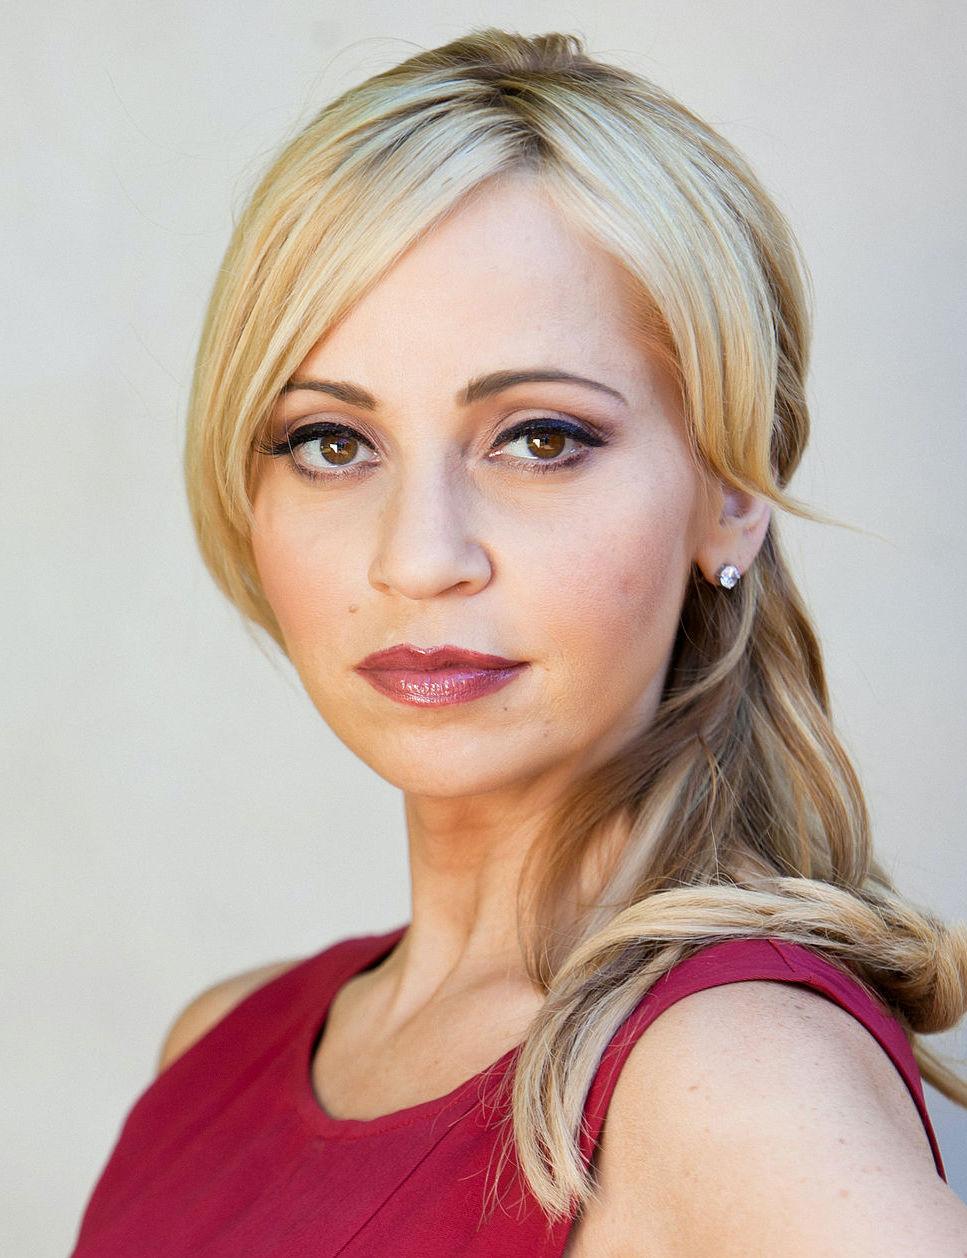 Photo of Tara Strong